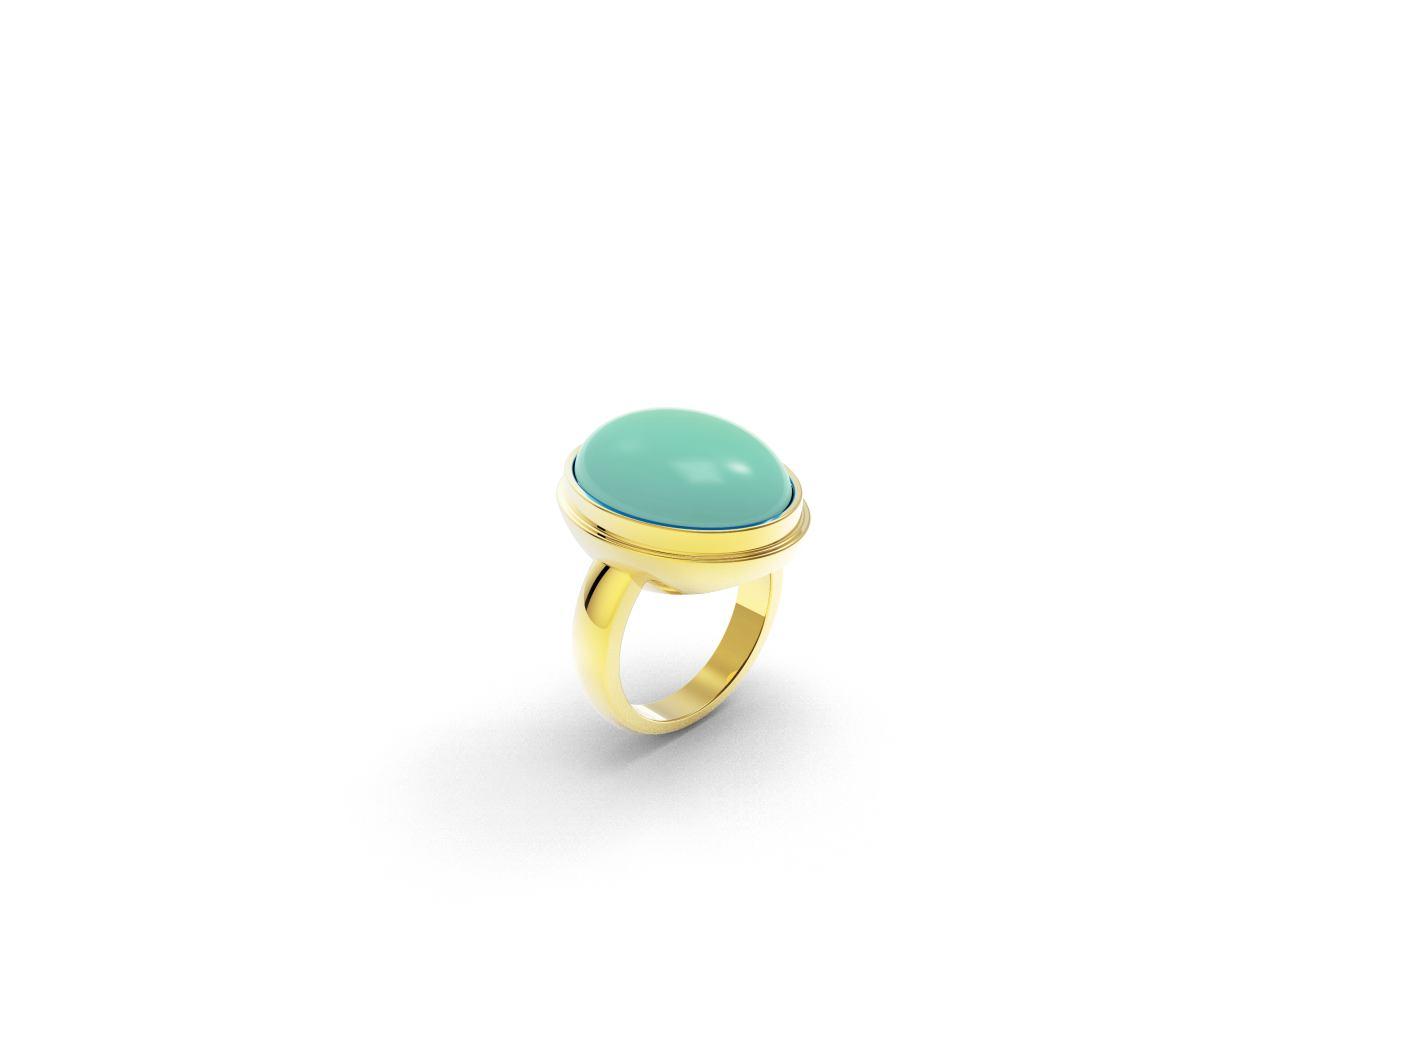 Zlatni prsten, red.cijena 2790kn, sada 1813,50 - ZAKS